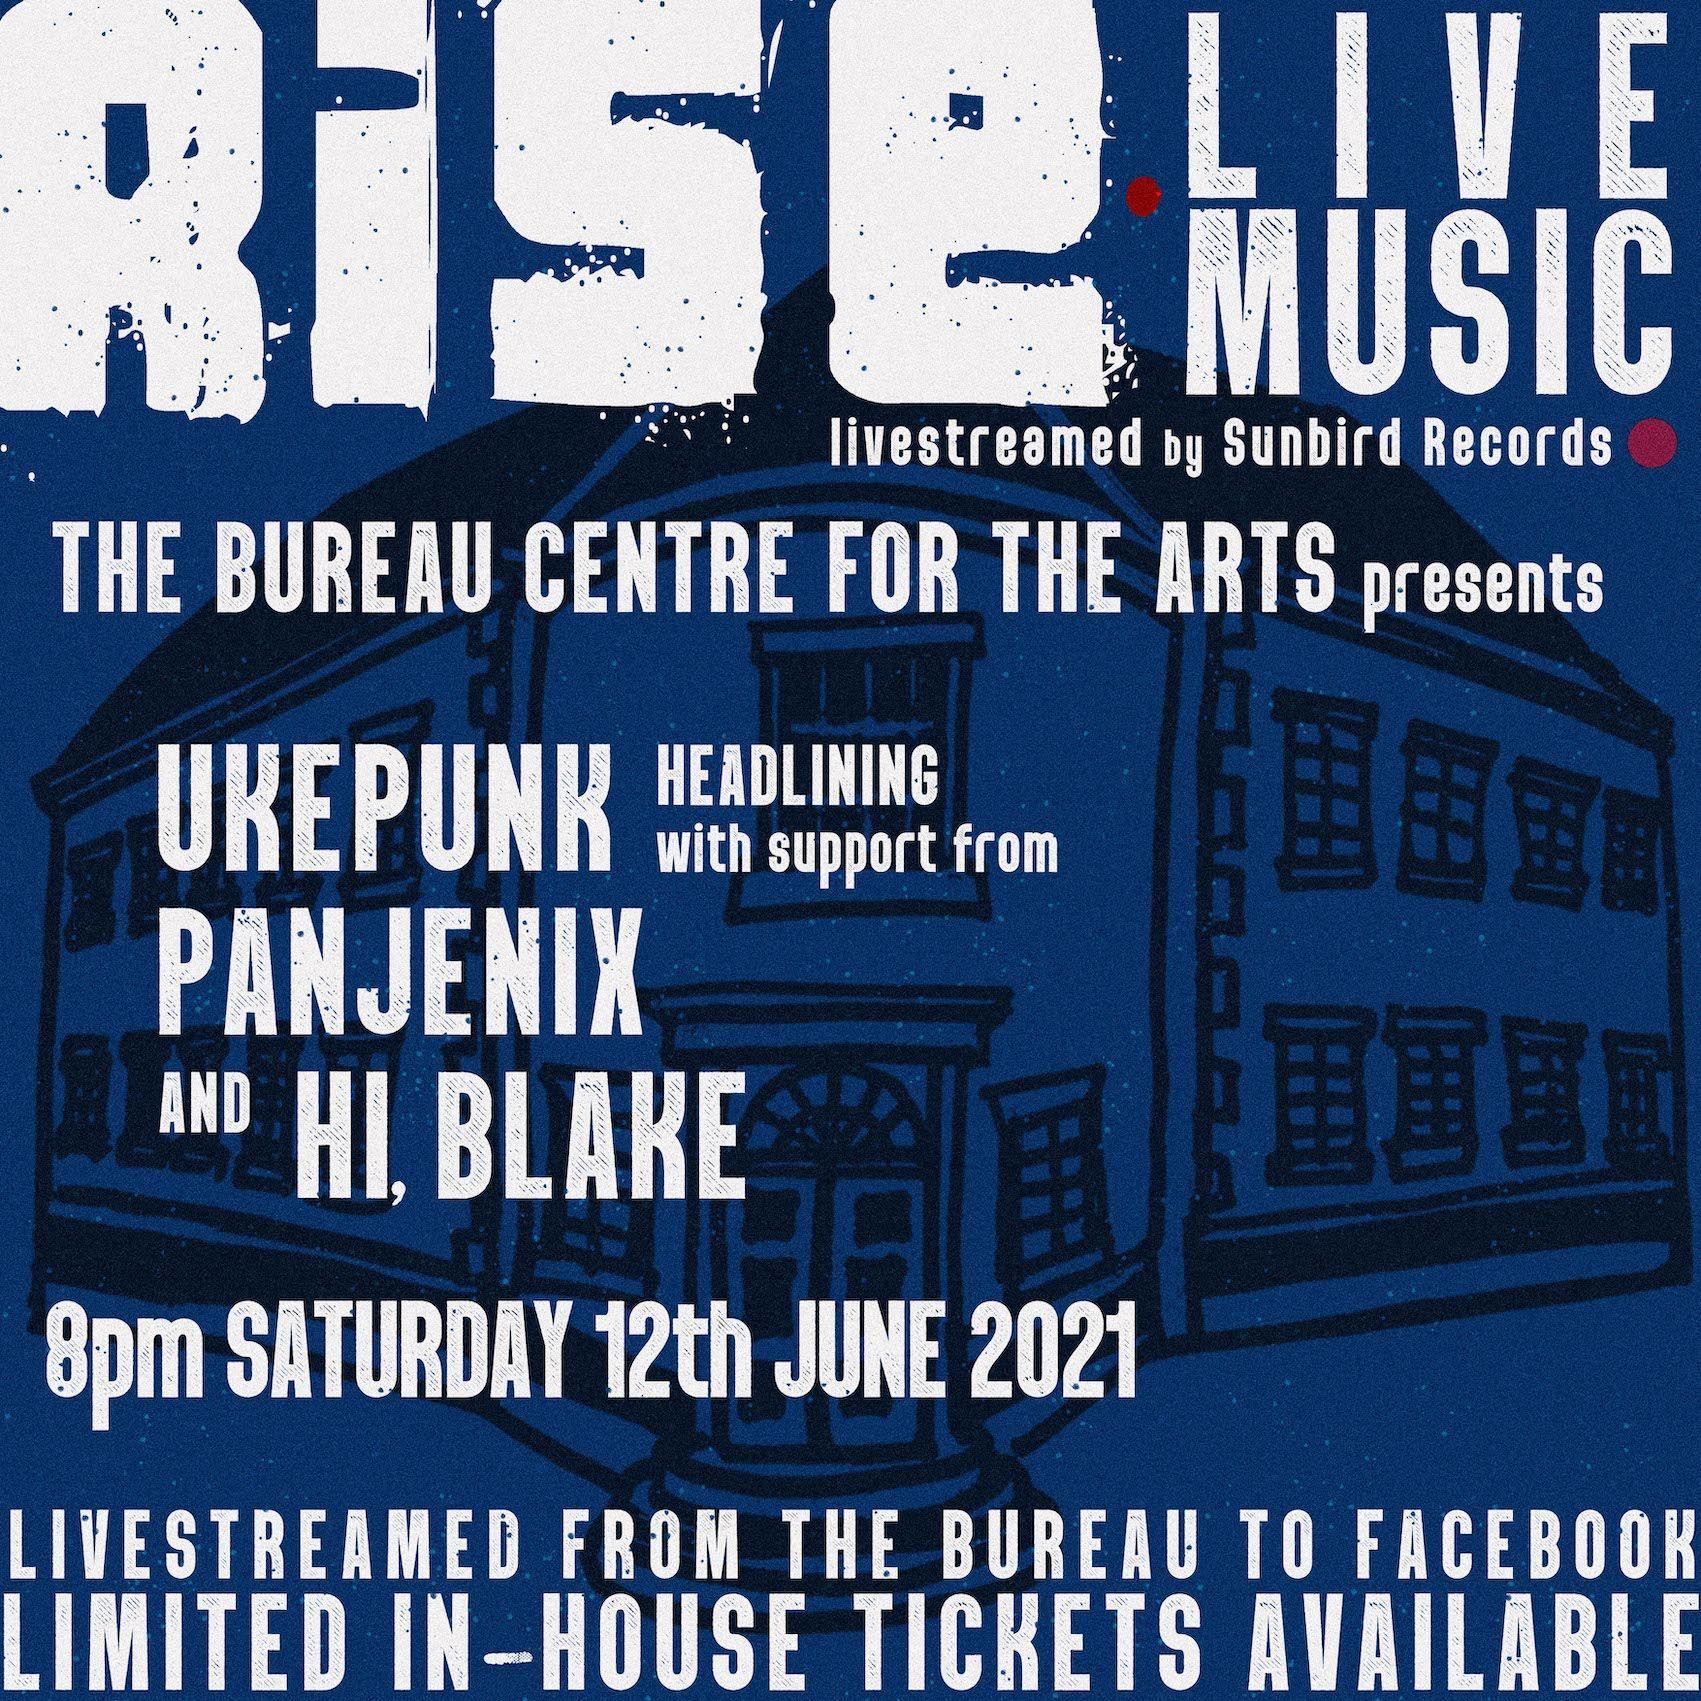 Bureau Centre for the Arts - Rise Live Music